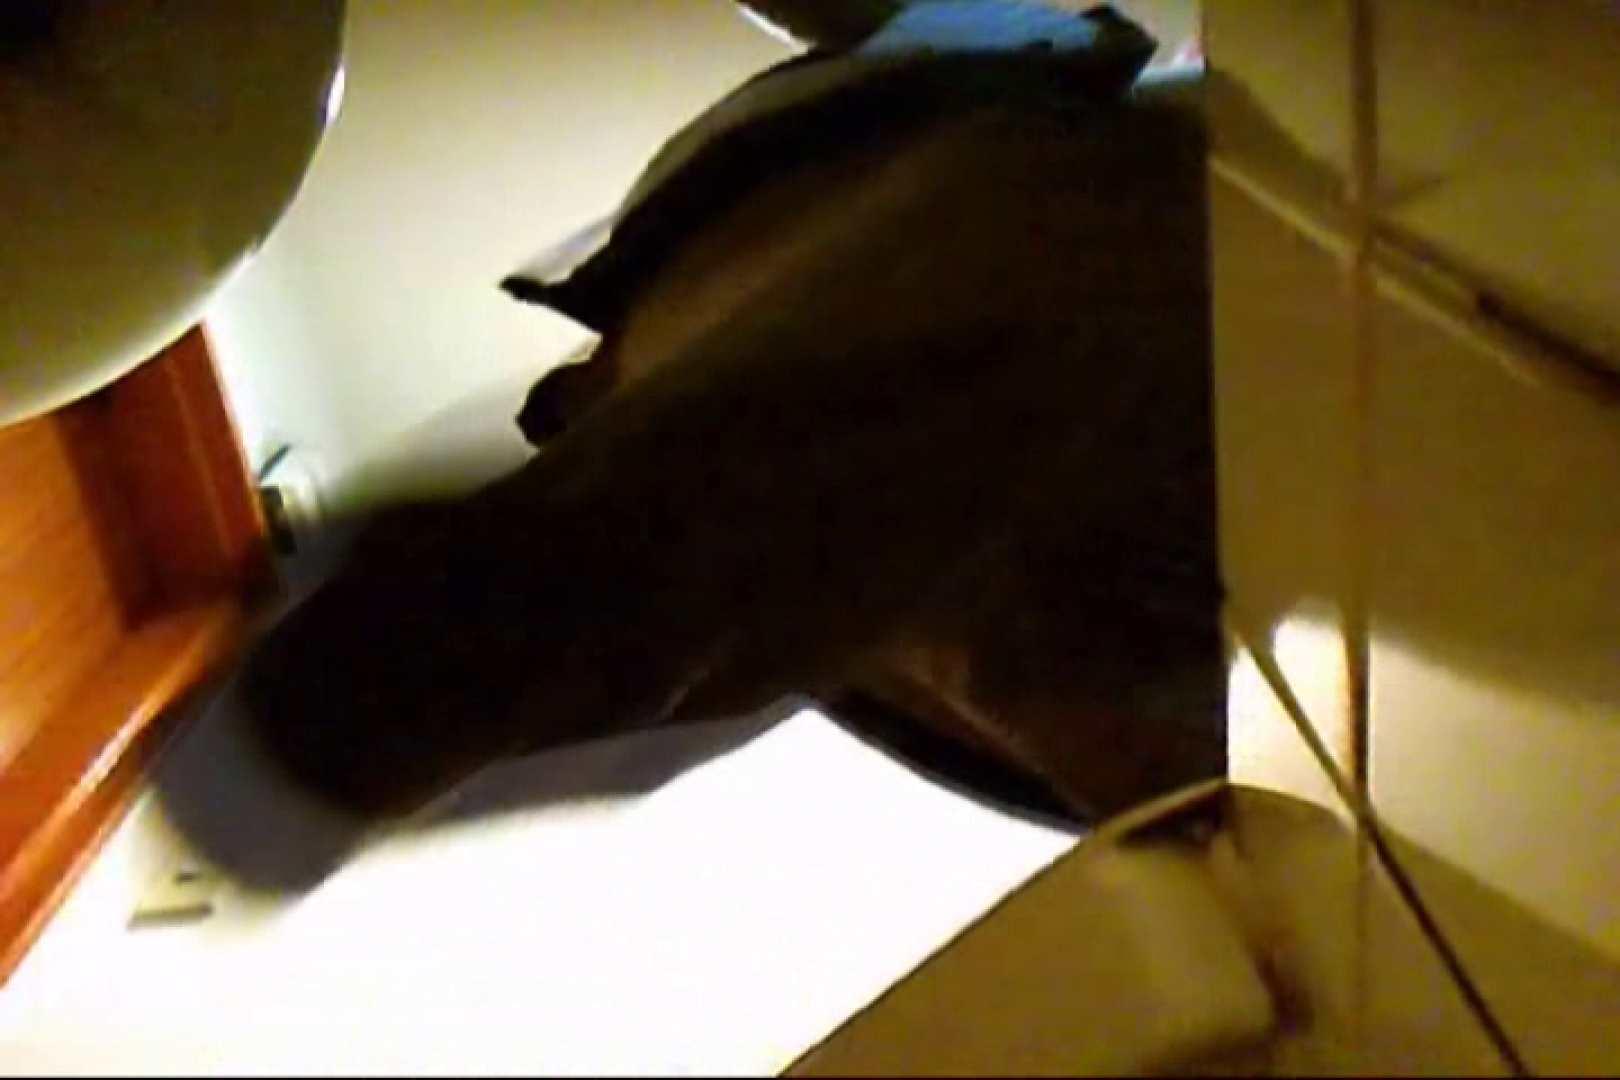 Gボーイ初投稿!掴み取りさんの洗面所覗き!in新幹線!VOL.16 完全無修正でお届け | おやじ熊系ボーイズ  77pic 2